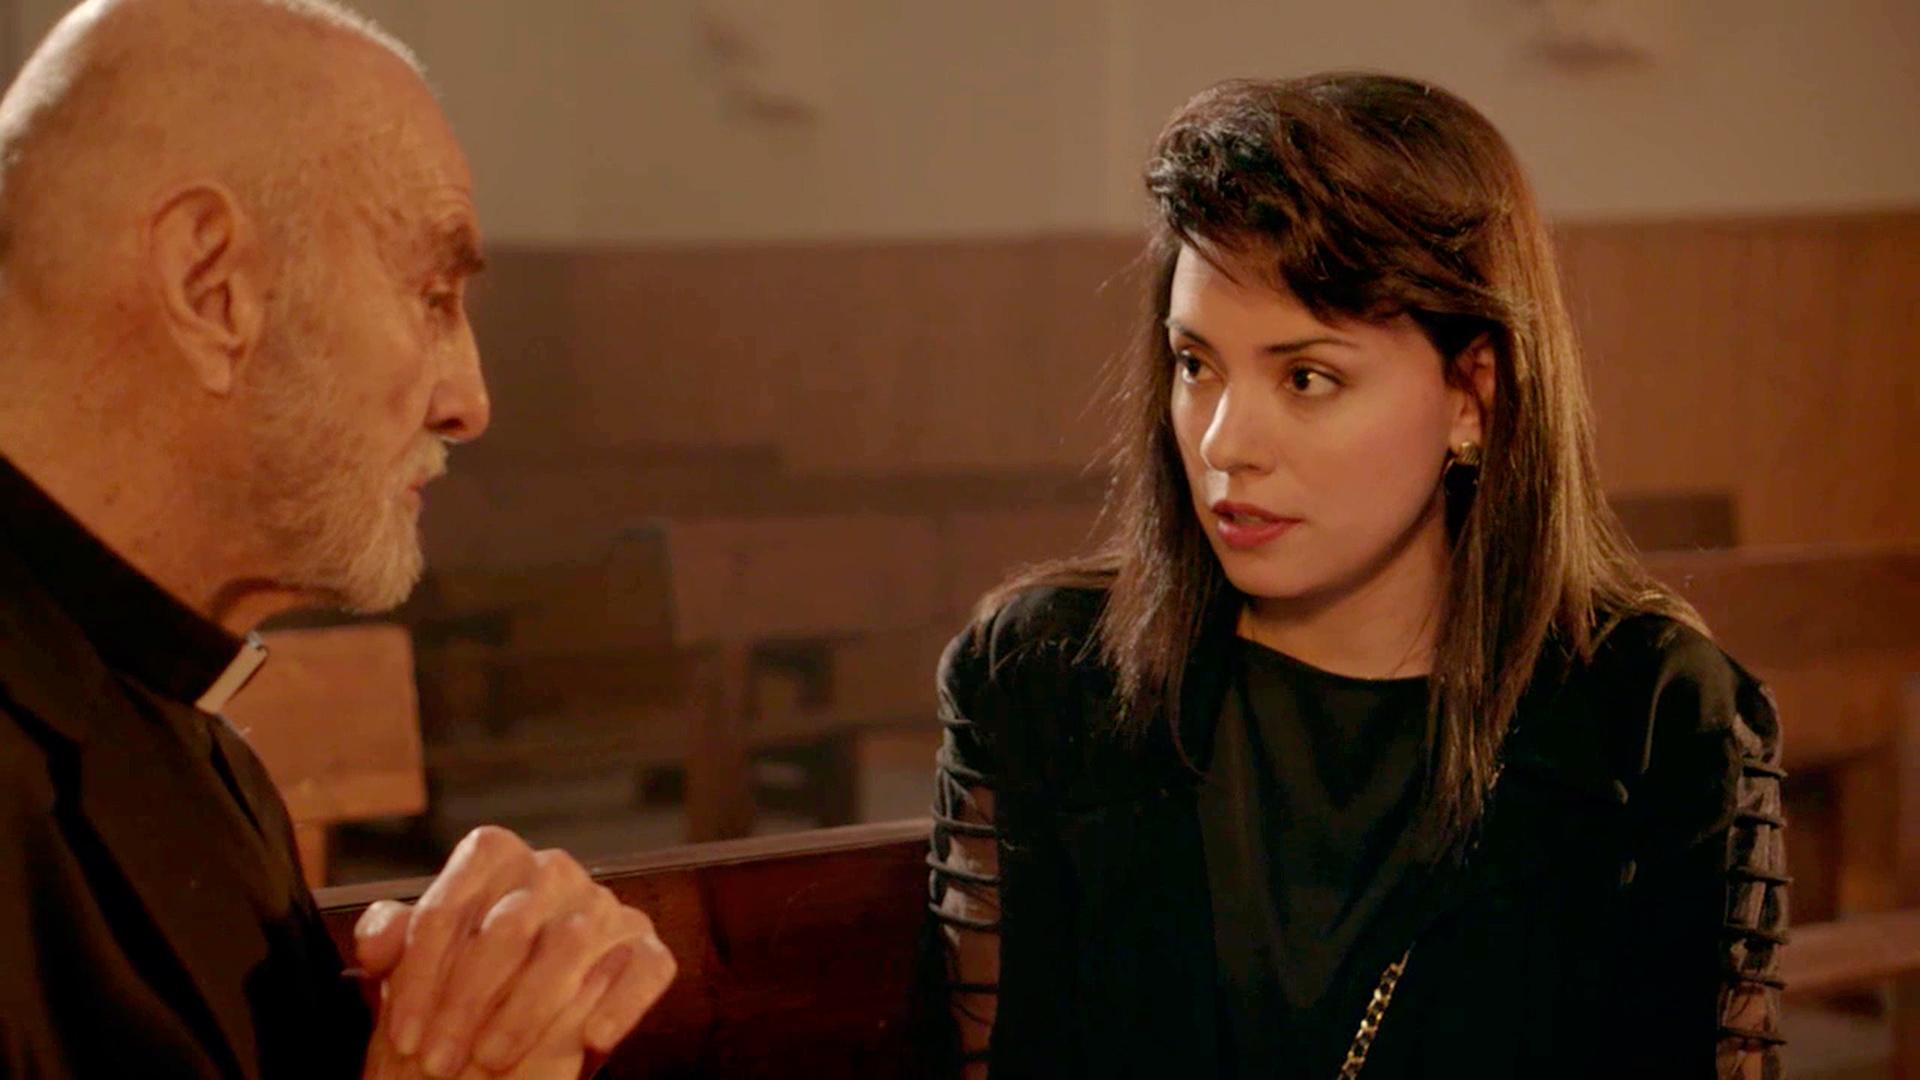 Cuéntame cómo pasó - Paquita confiesa lo que siente por Venancio a Don Froilán